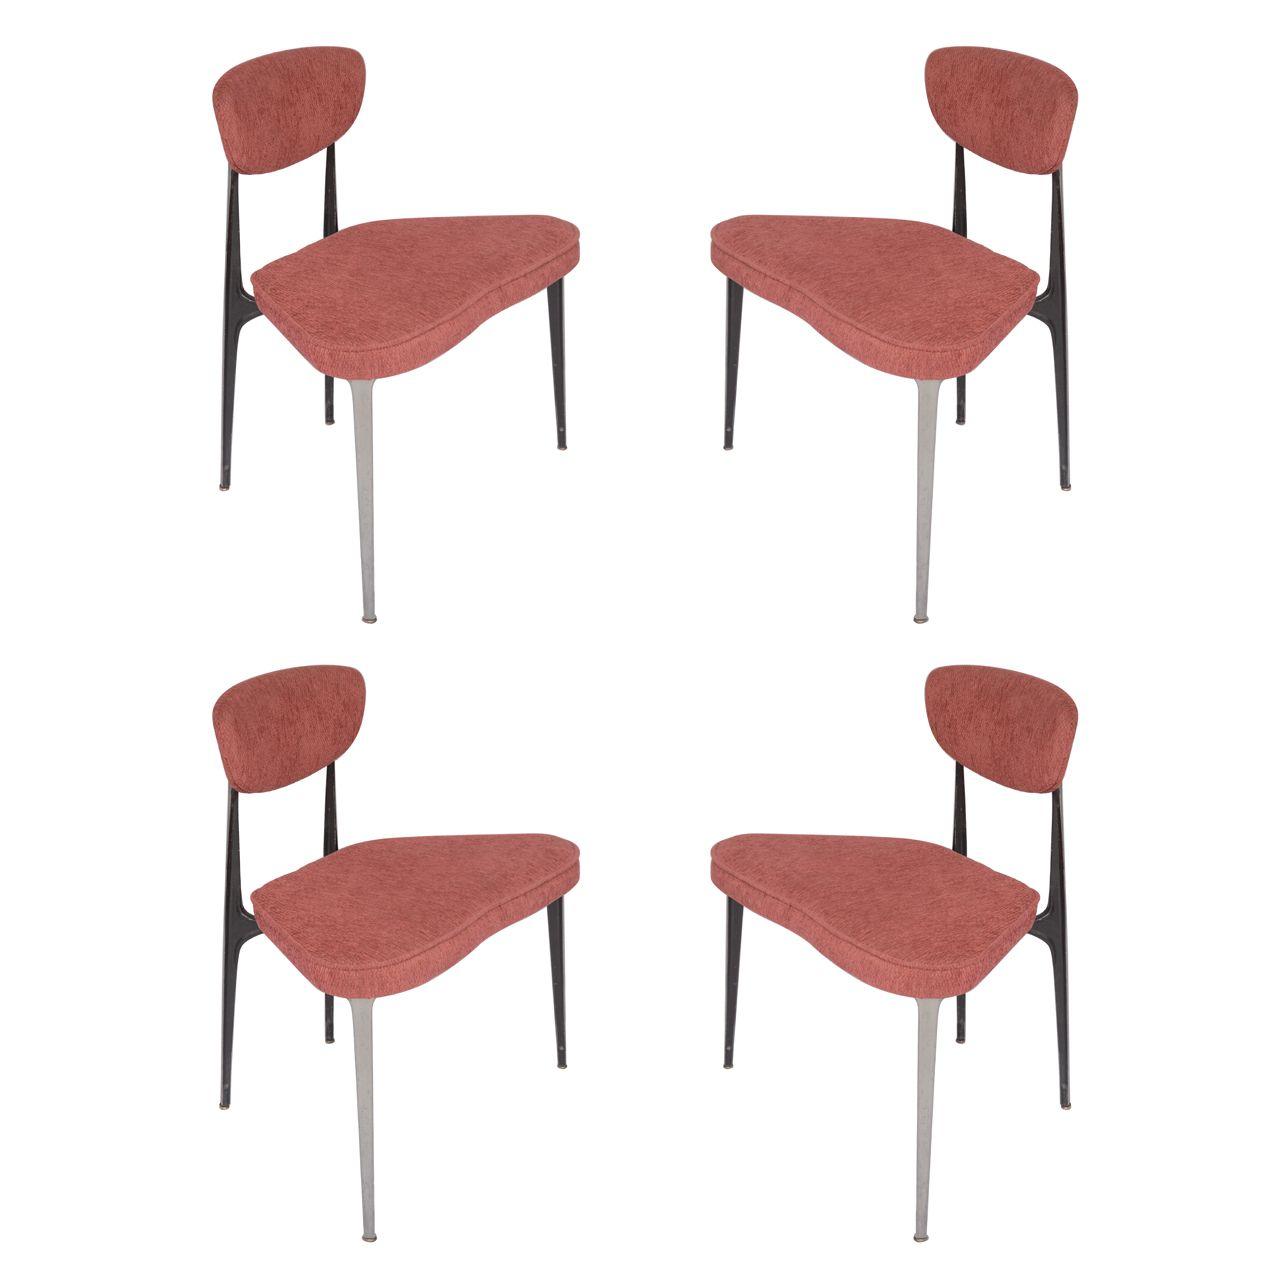 Italian stühle moderne möbel design moderne paar furniture objects